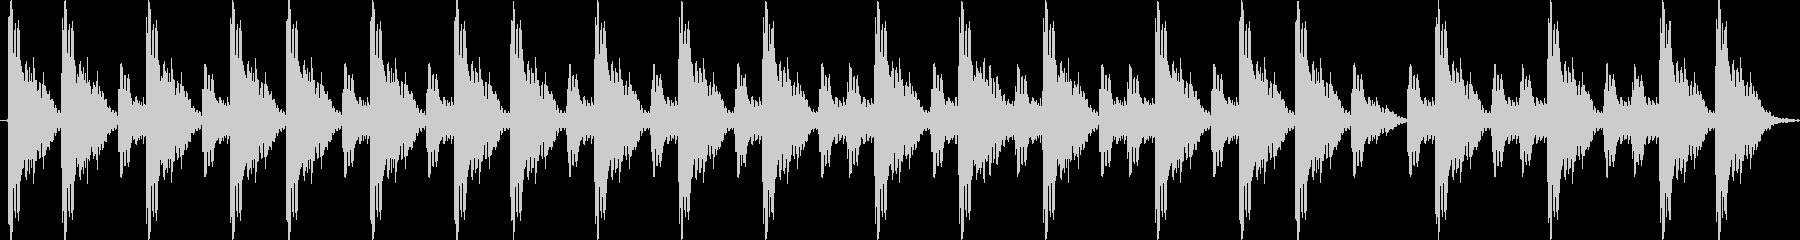 ポンポンポポン 相撲の寄せ太鼓の未再生の波形